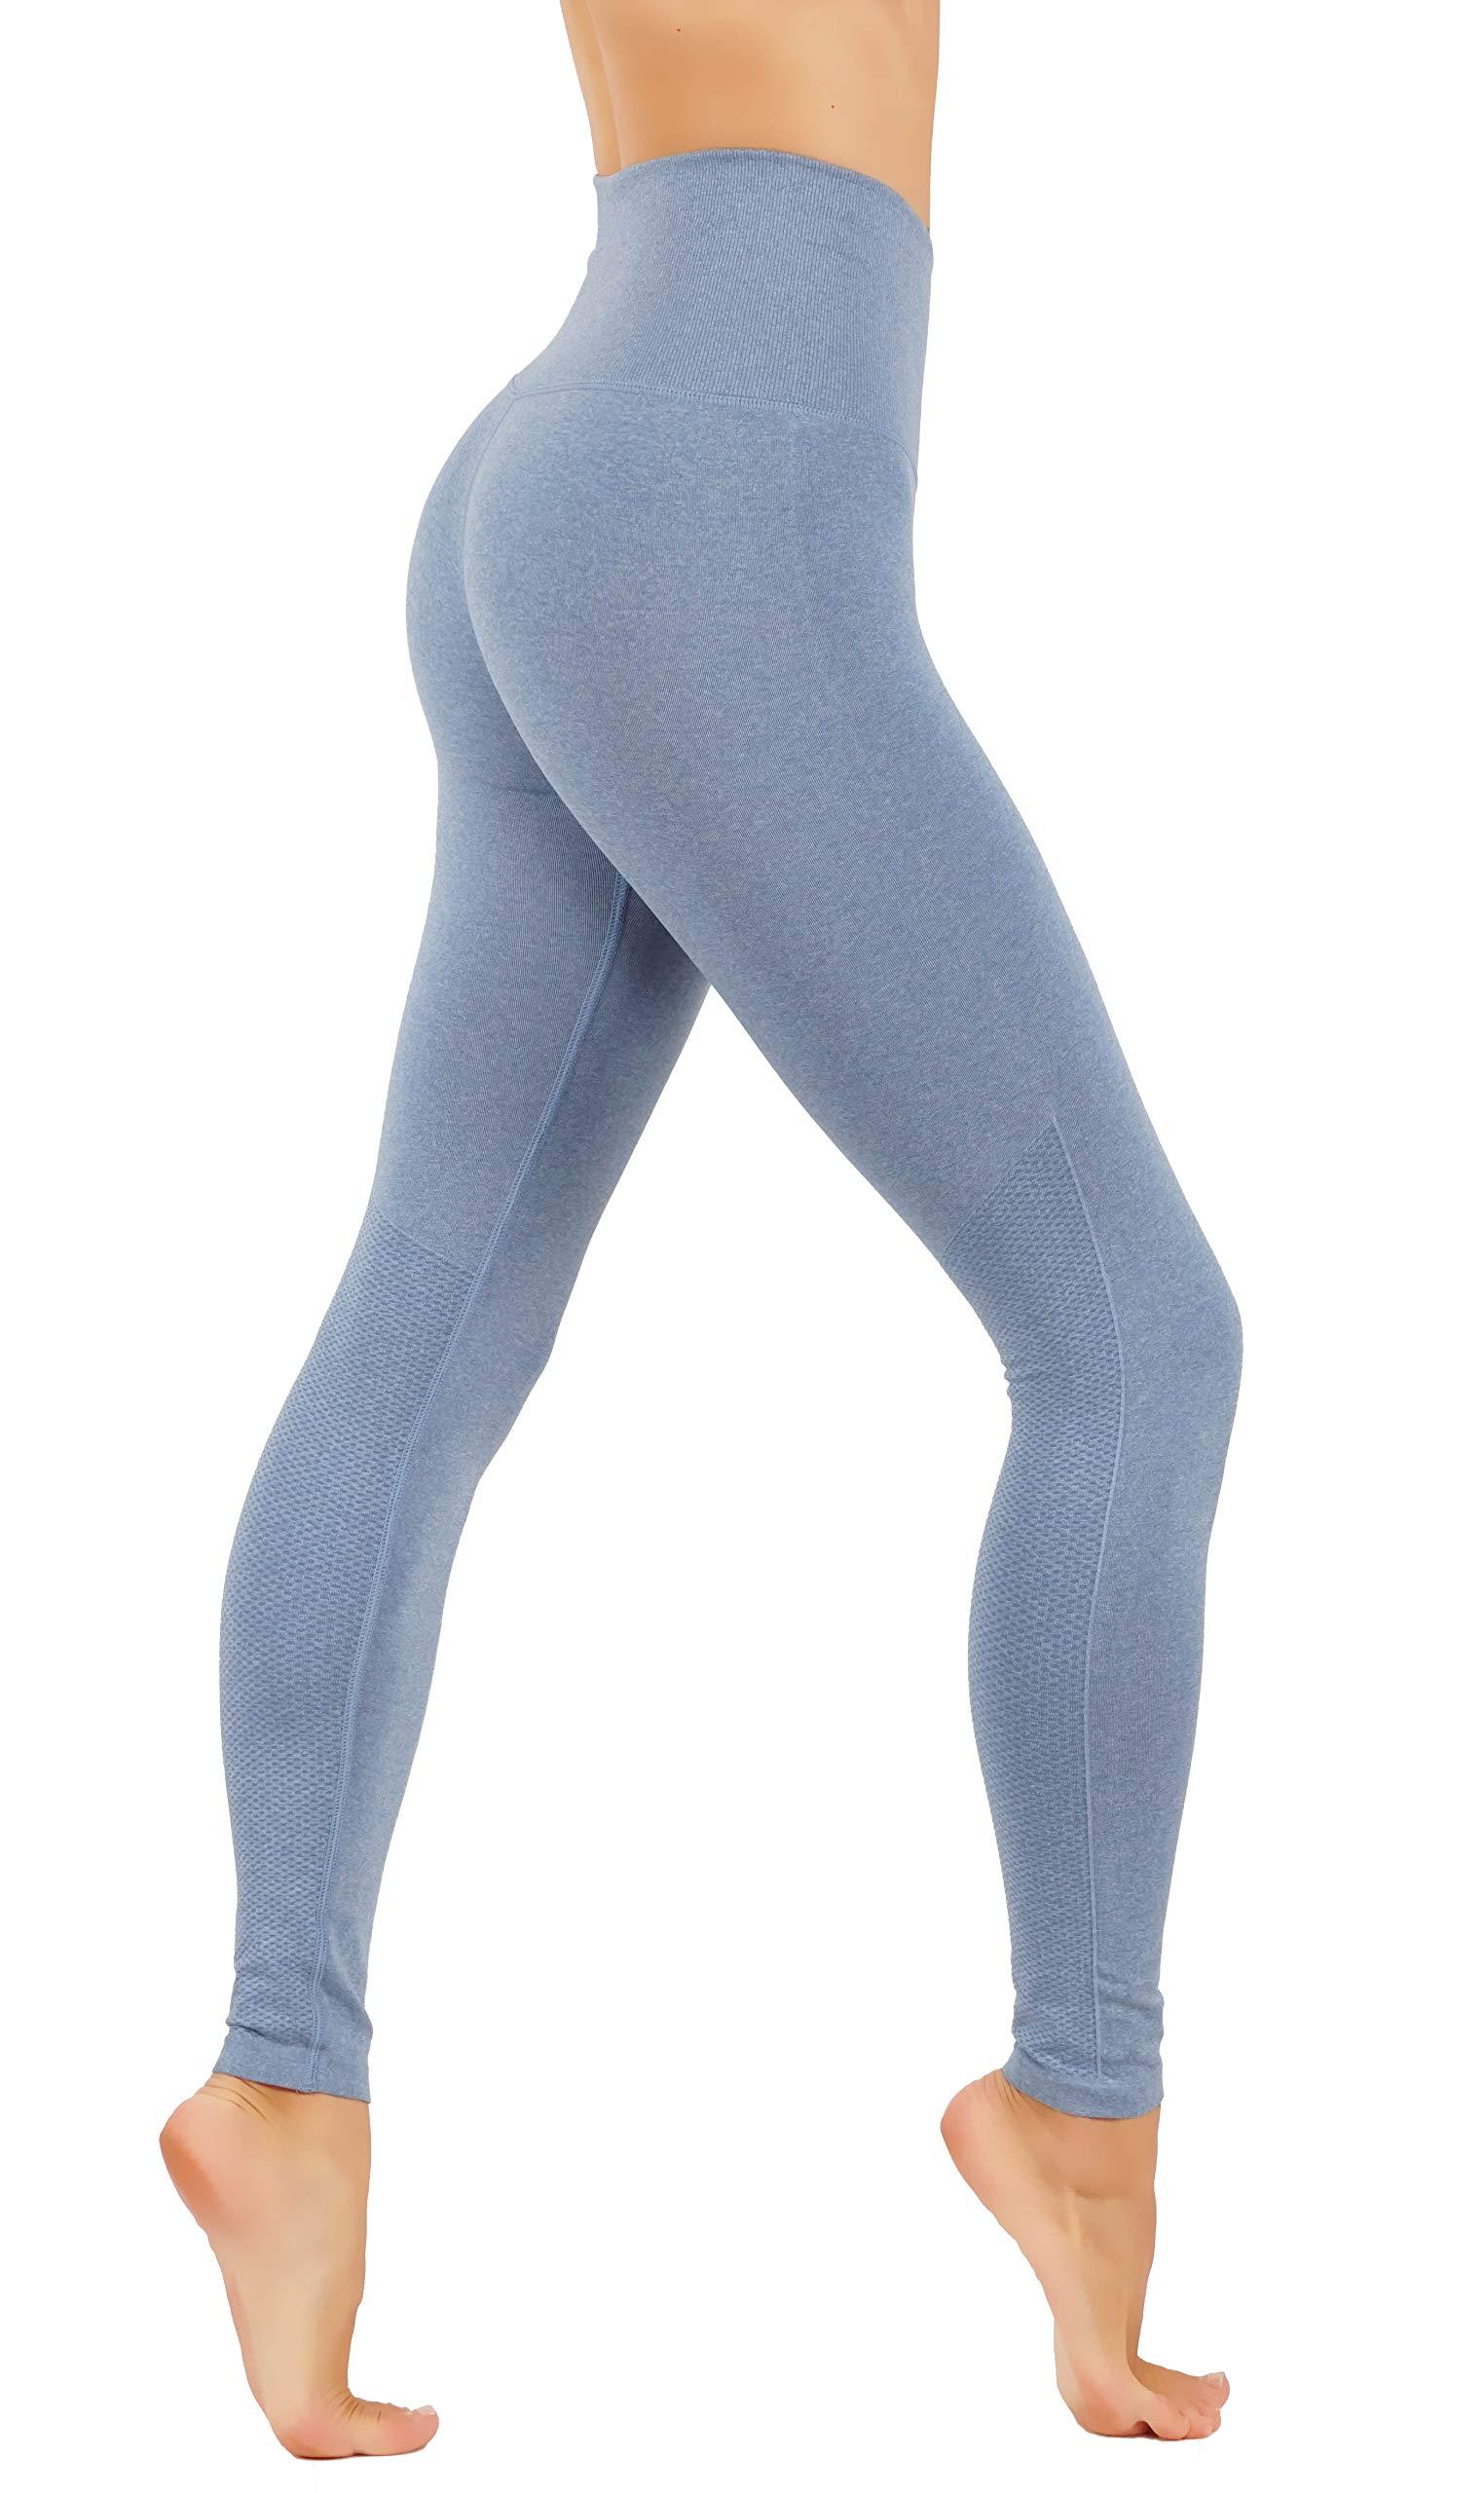 CodeFit Yoga Power Flex Dry-Fit Pants Workout Two Tone Color Leggings S-XL (S/M USA 2-4, CF1004-DEN)